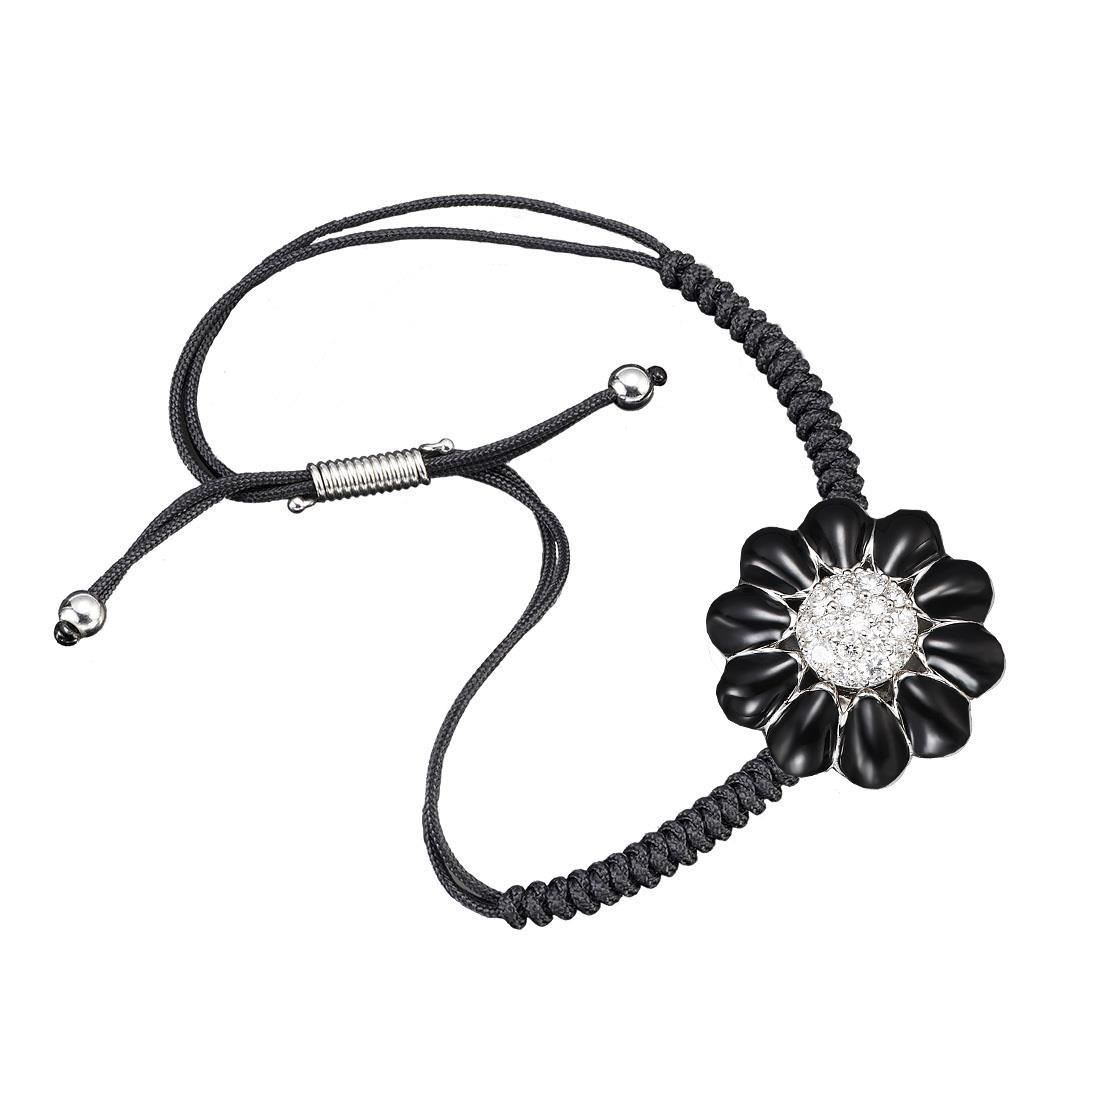 Bracciale design con margherita nera e diamanti - ROBERTO DEMEGLIO